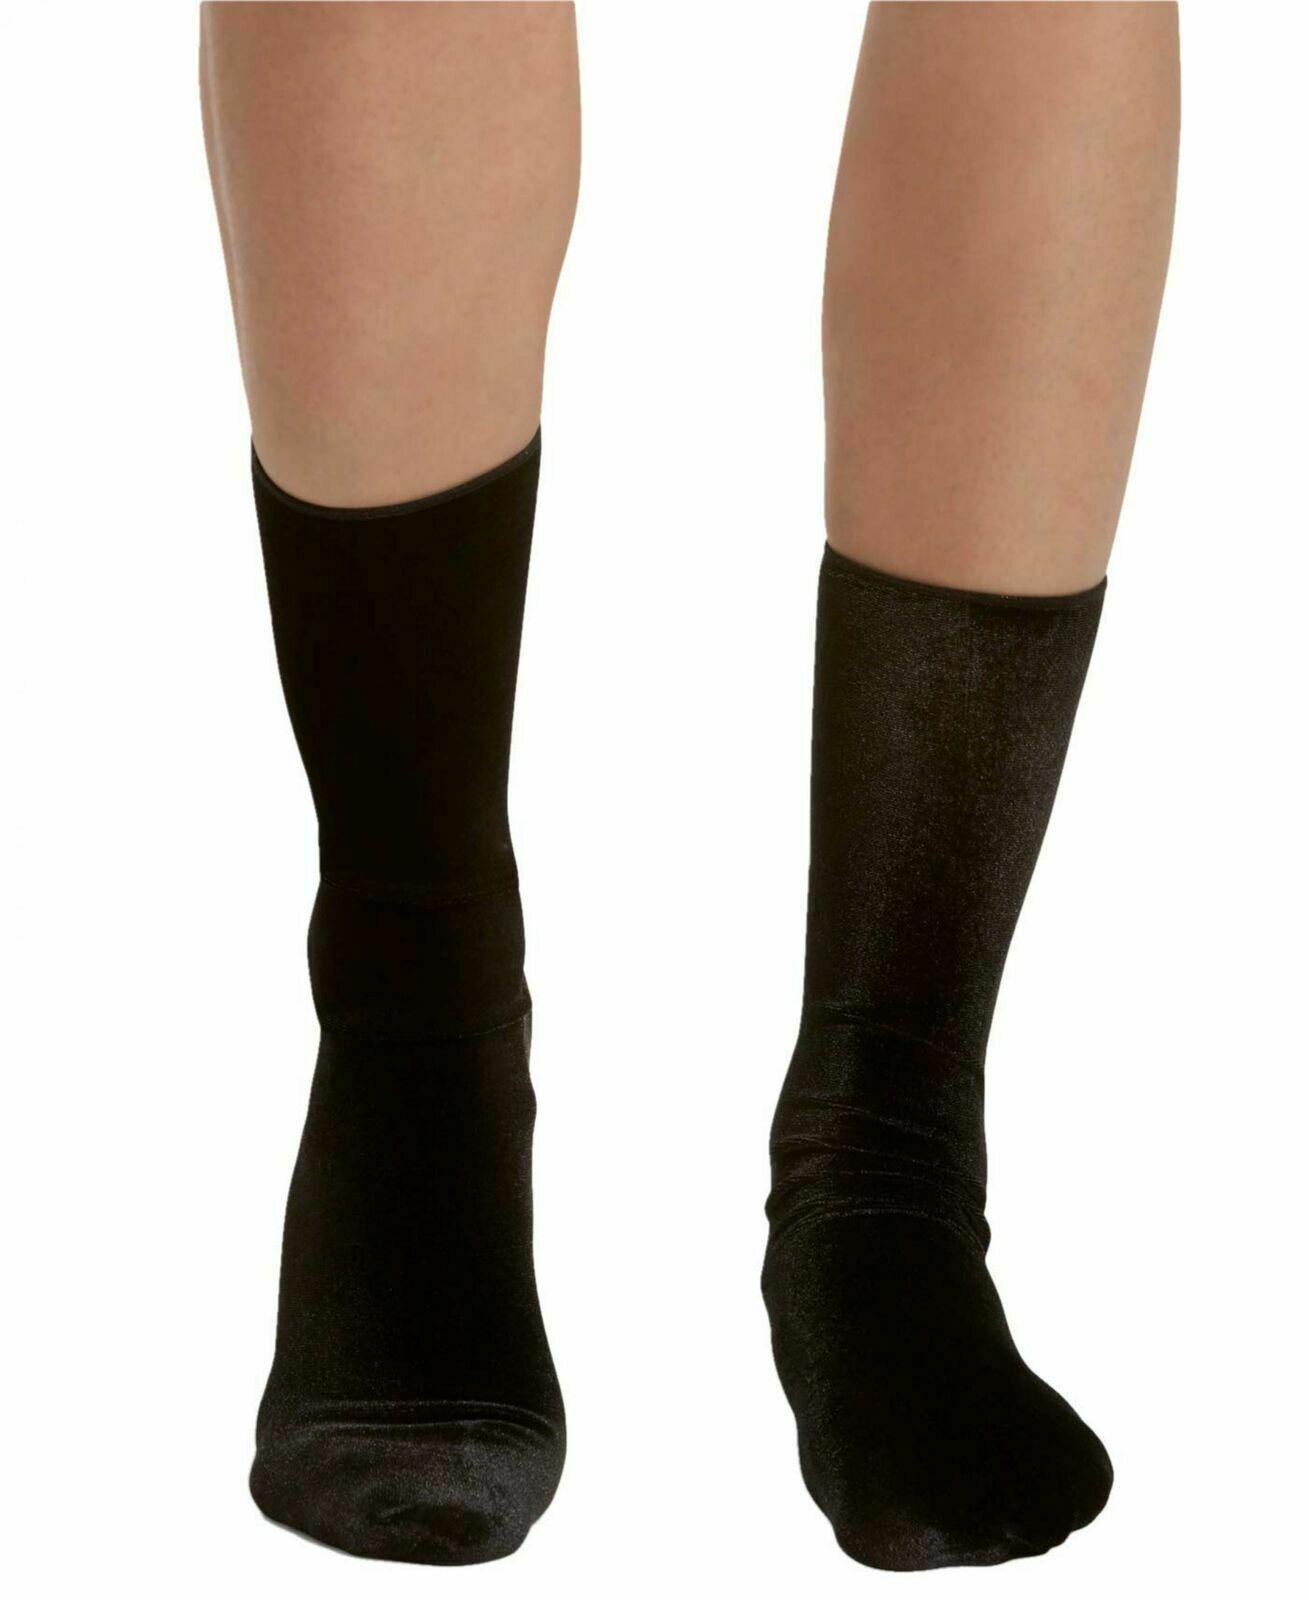 HUE Mujer Terciopelo Negro Tripulante Calcetines Talla Única Nuevo Con Etiquetas